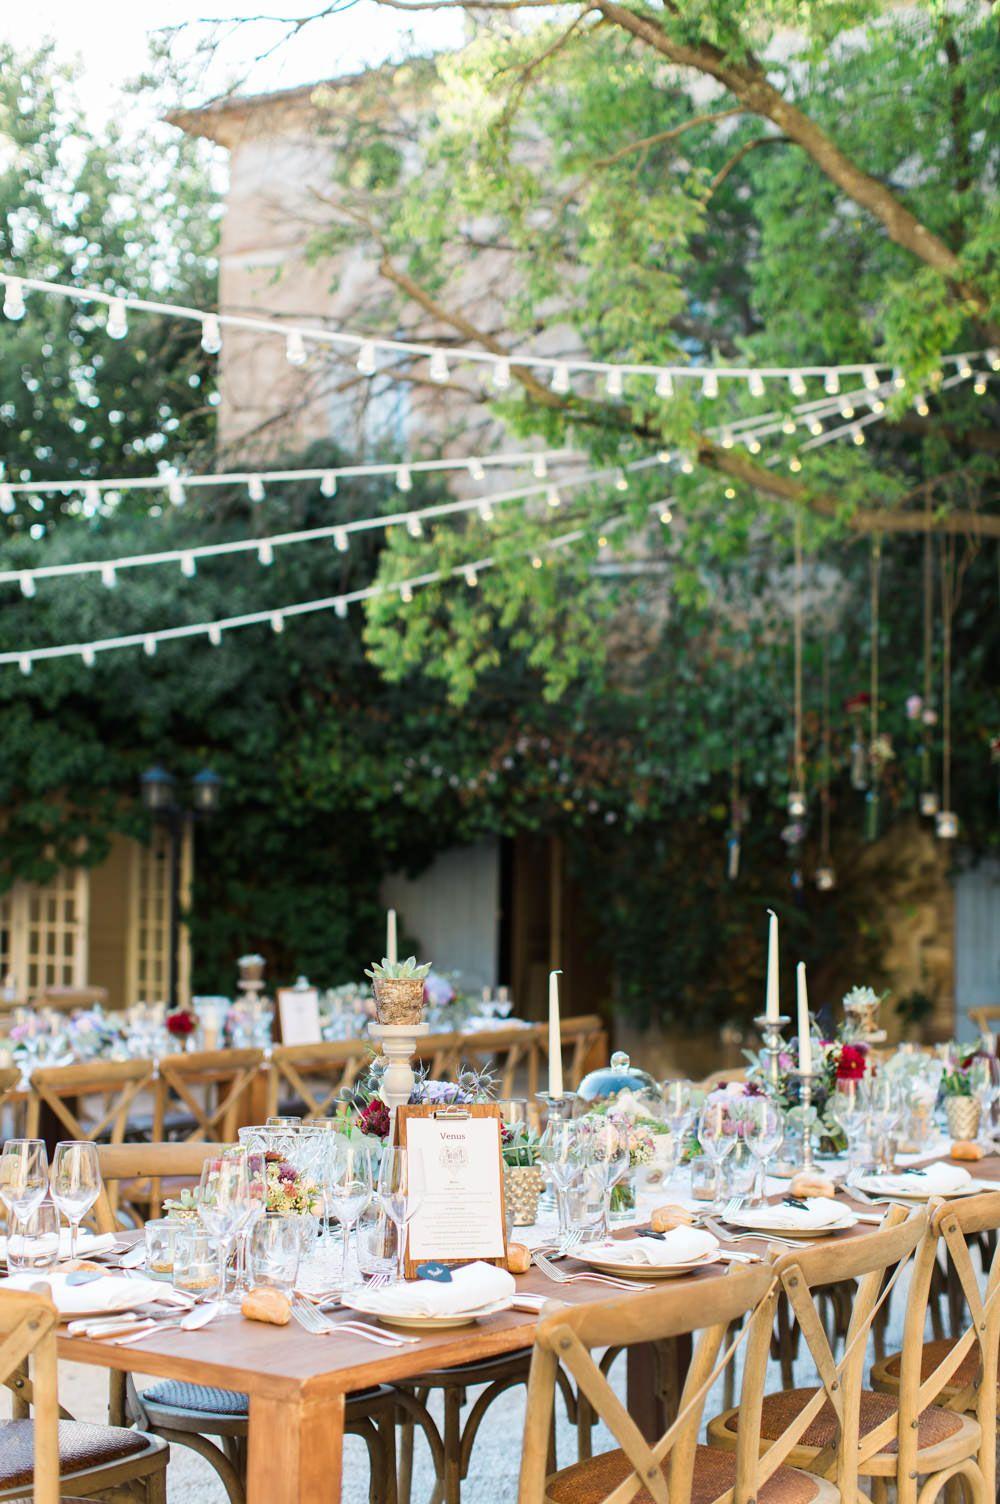 Varal de luzes na decoração de casamento simples